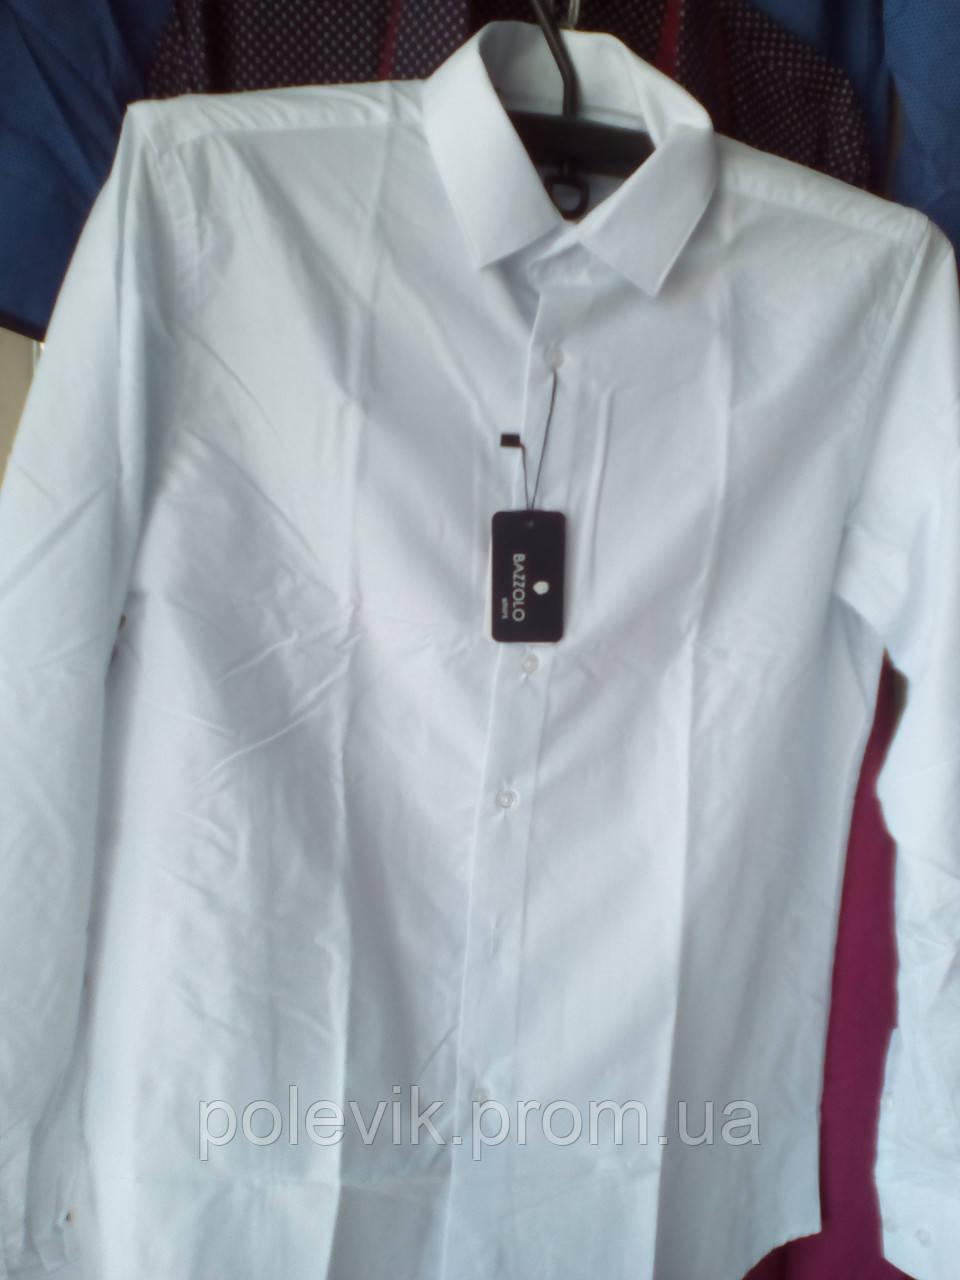 5bd74eea495 Белая Хлопковая Рубашка с Длинным Рукавом BAZZOLO — в Категории ...